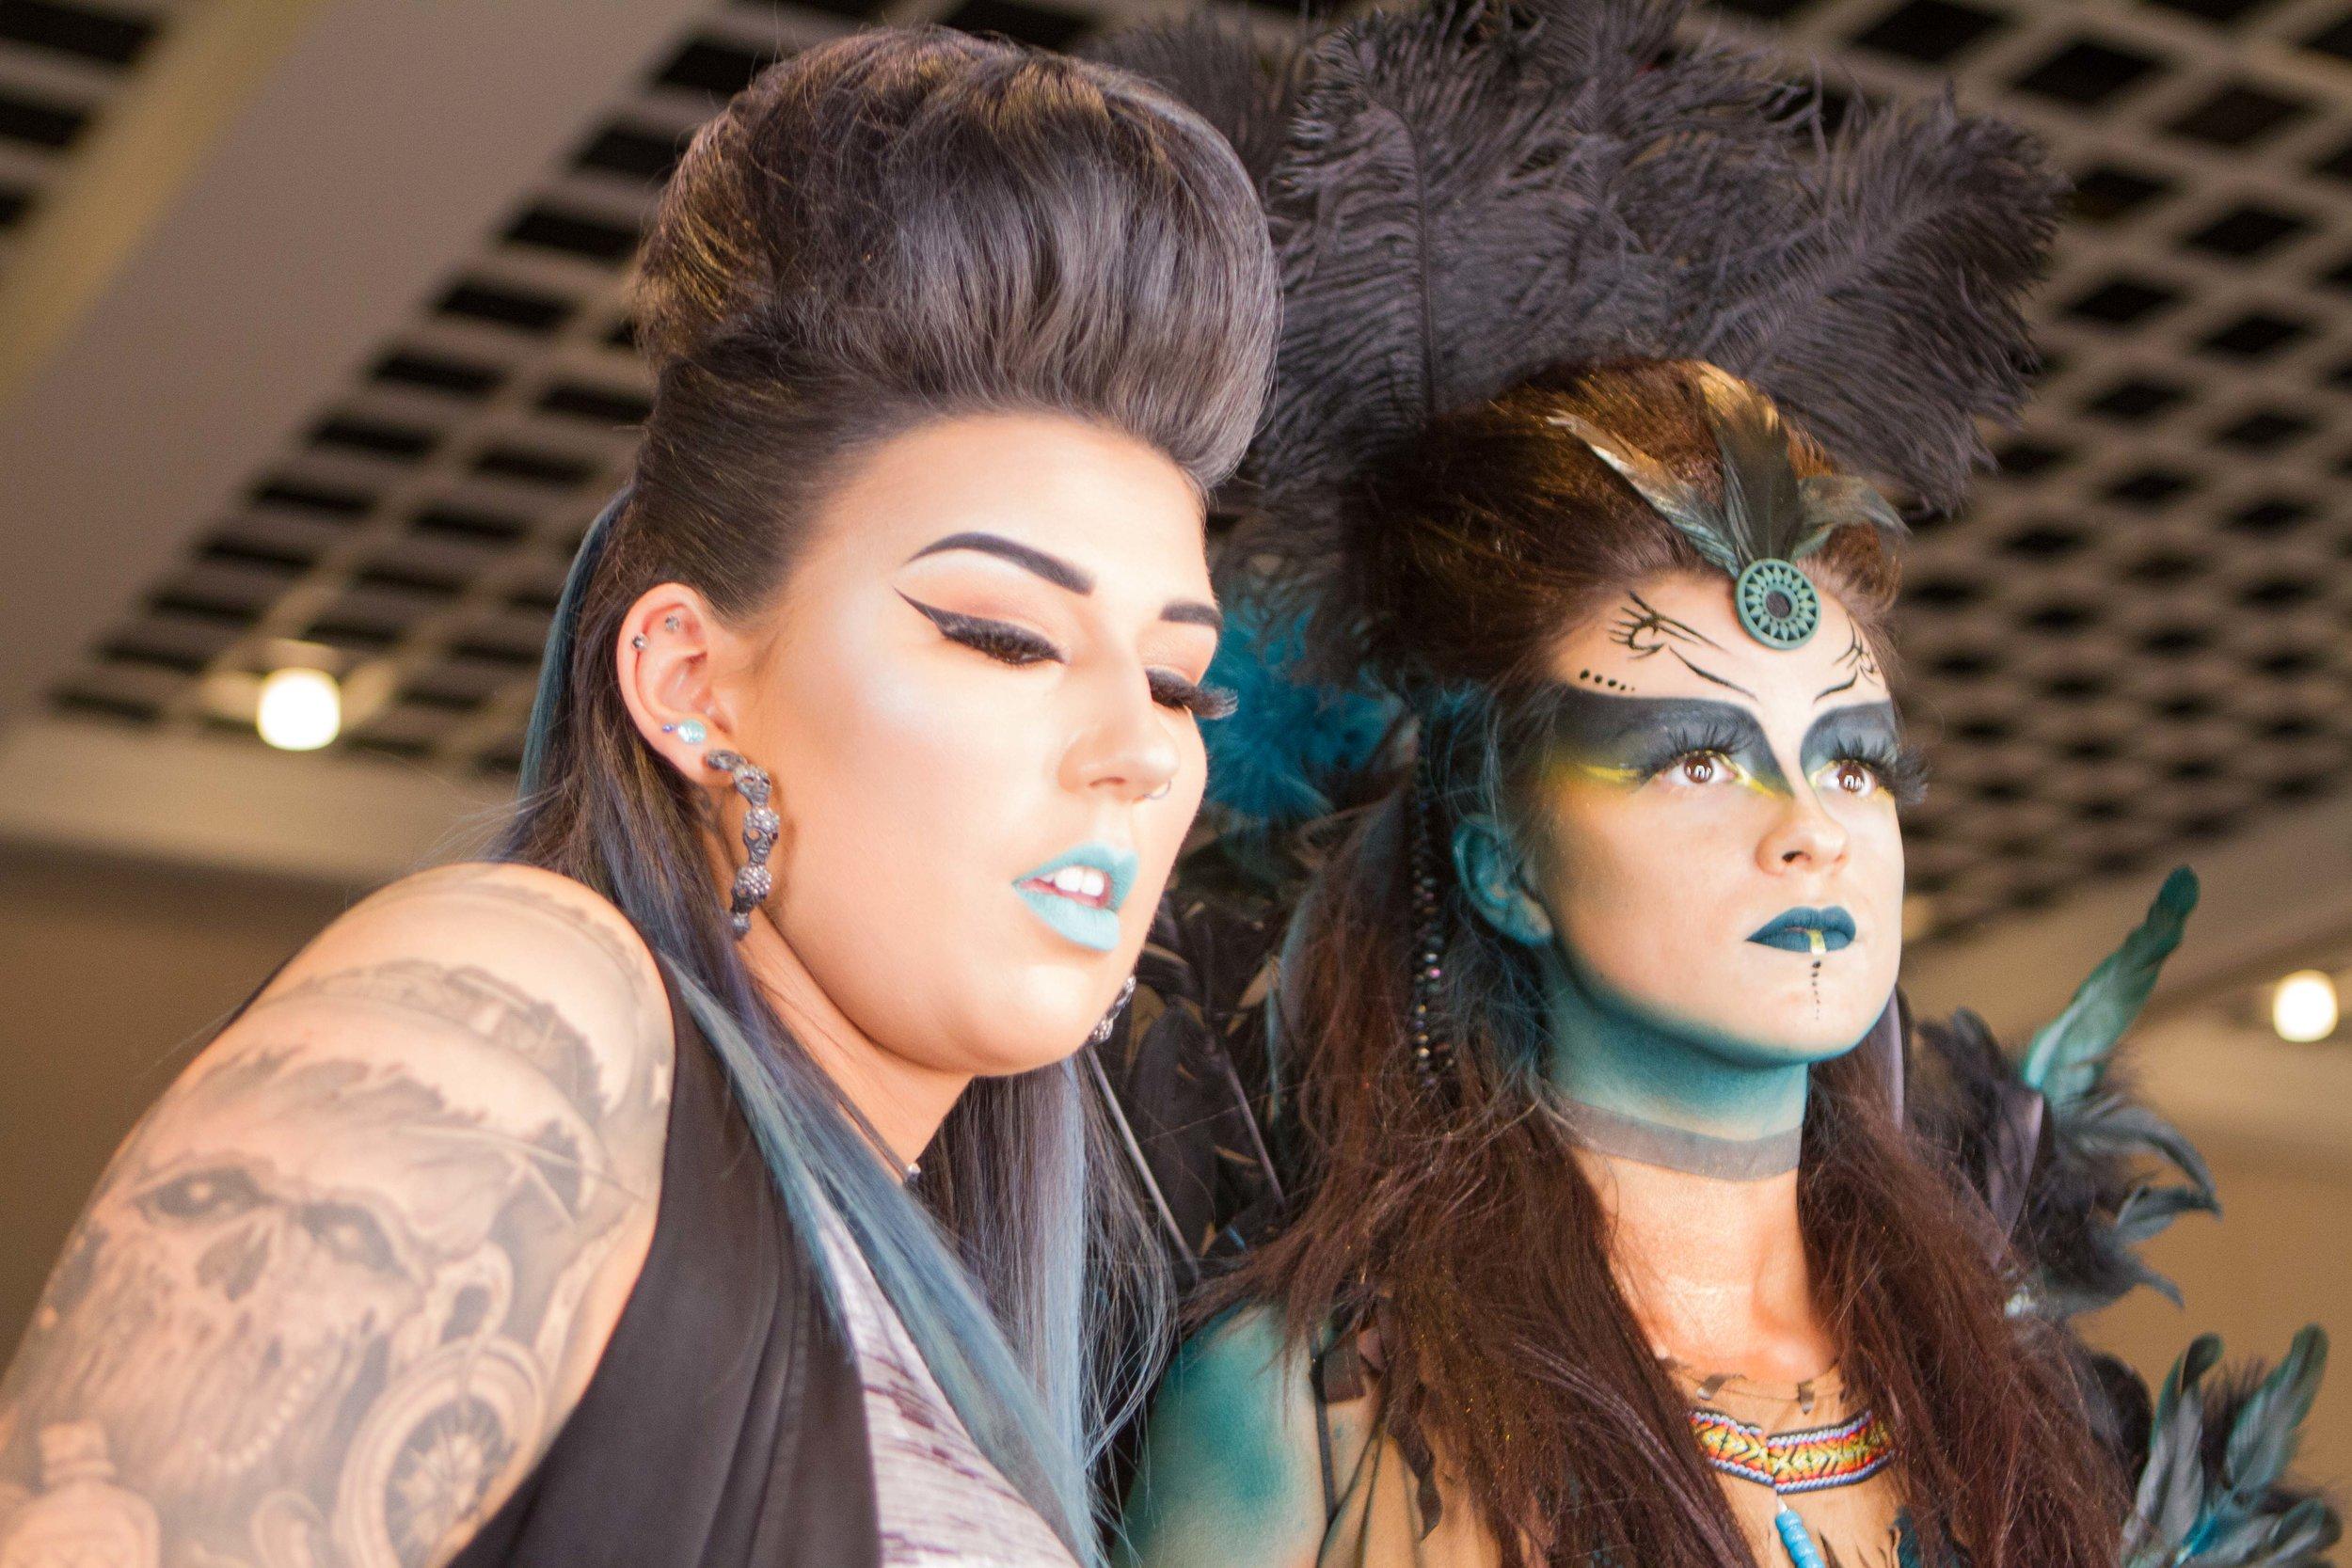 IMATS 2017 - Battle of the Brushes Special Effects Makeup (www.KyleReaArt.com - www.KyleReaPhotography.com) 25.jpg